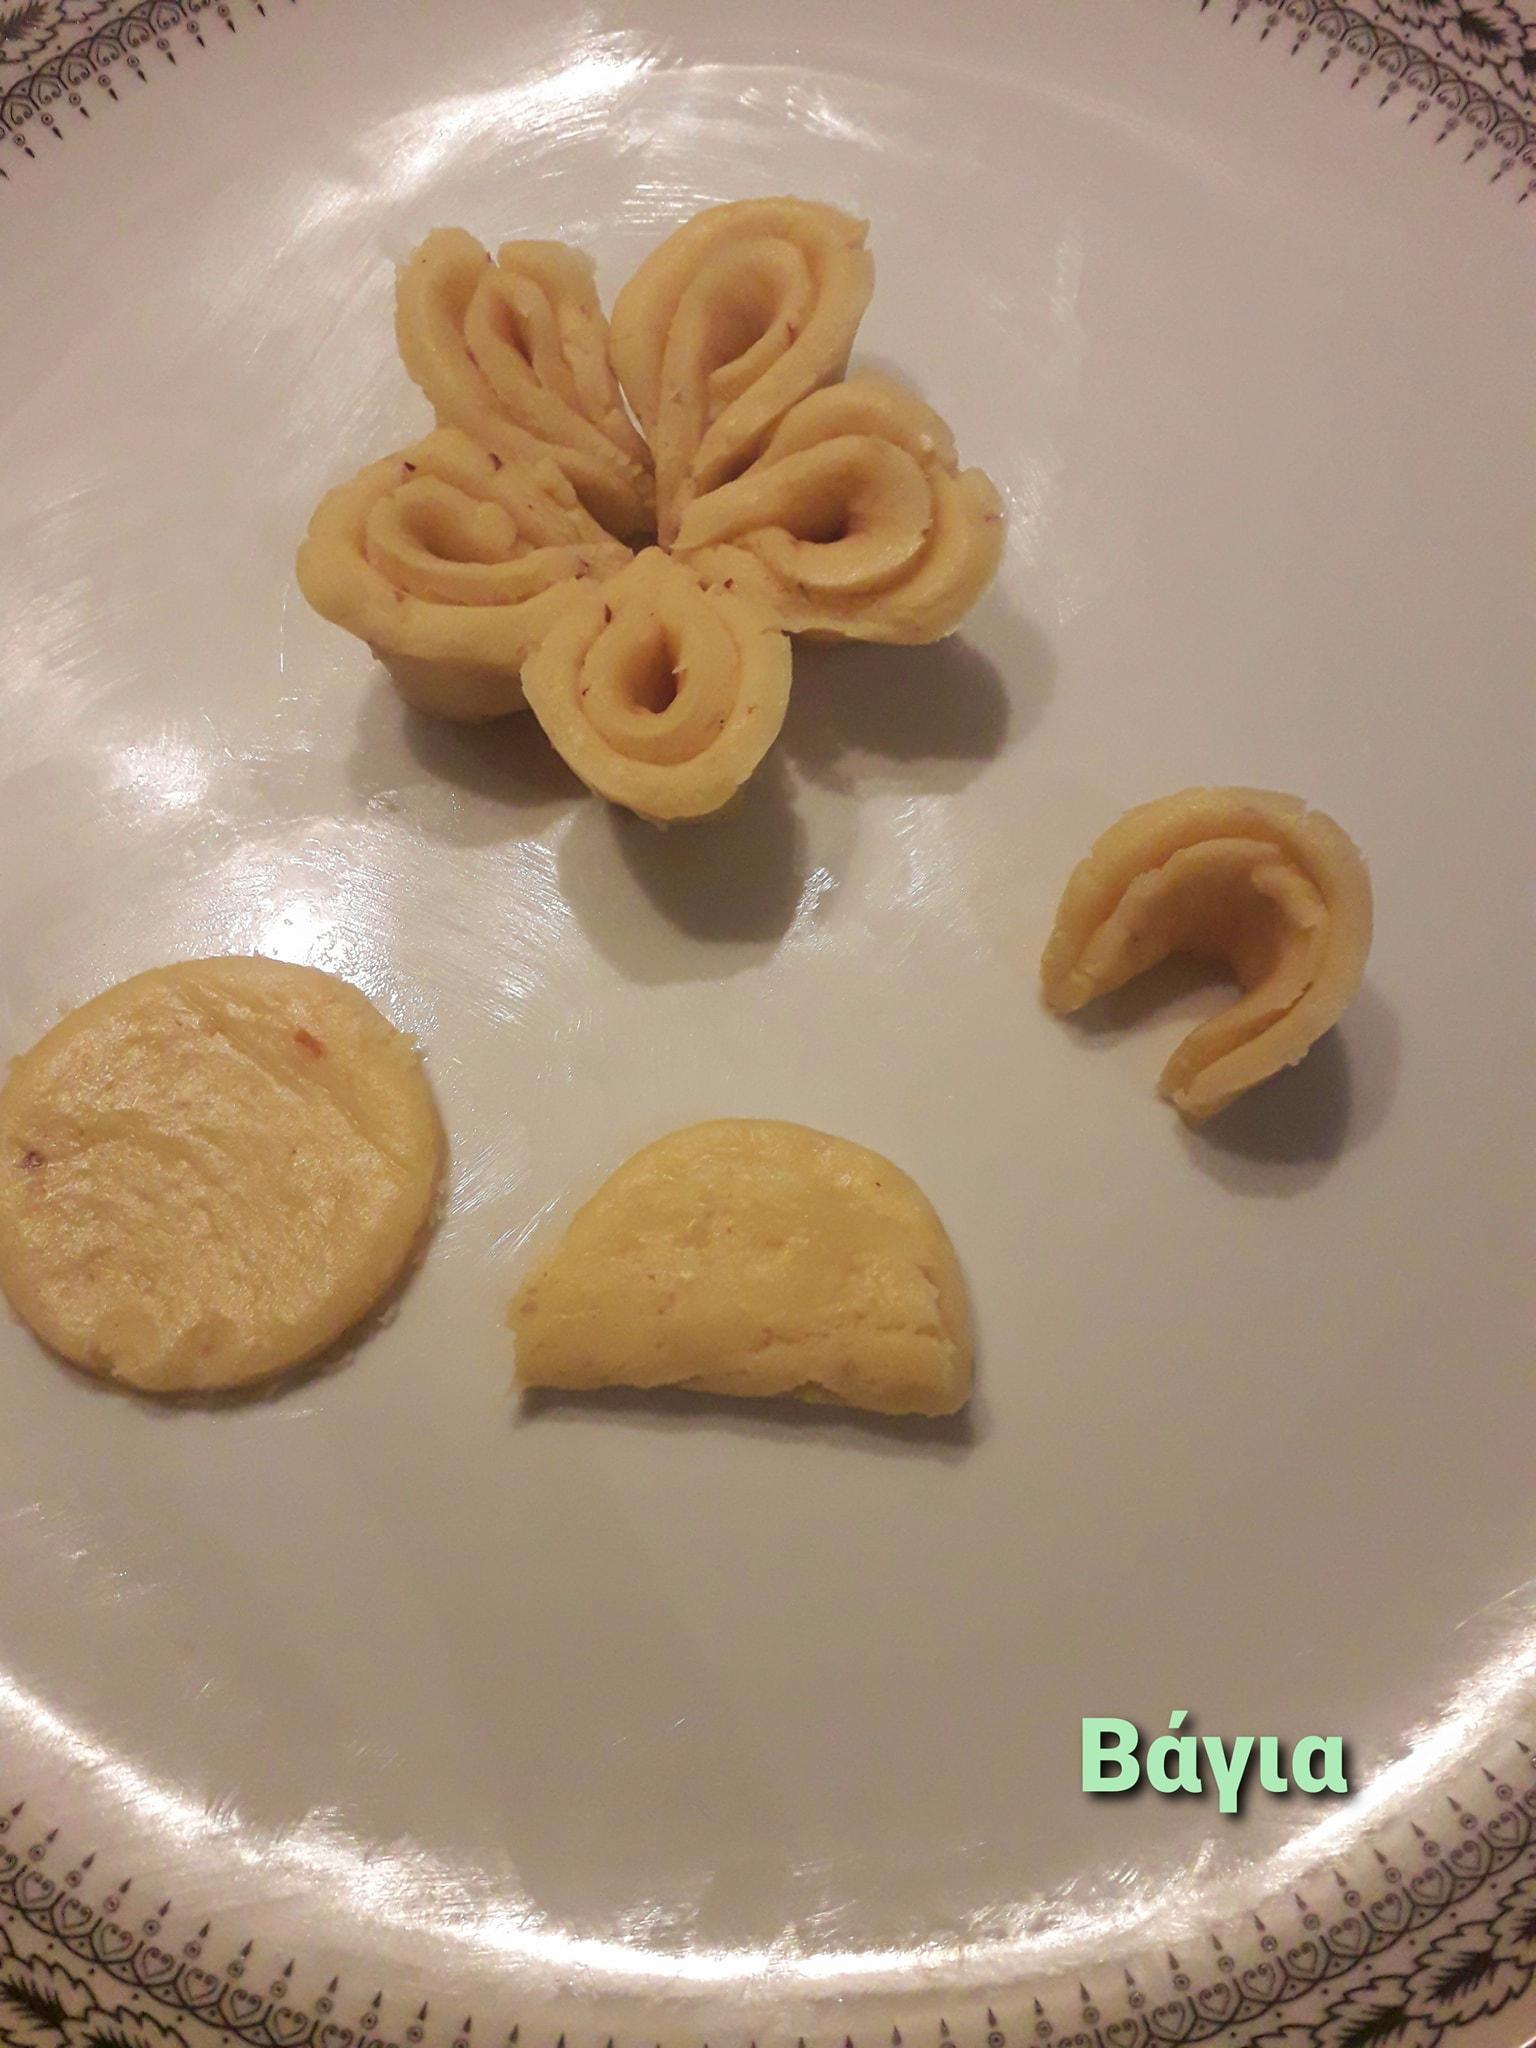 Ζυμή για _ Μπισκότα_ σε σχήμα λουλούδι_ με φουντούκια_Συνταγη _